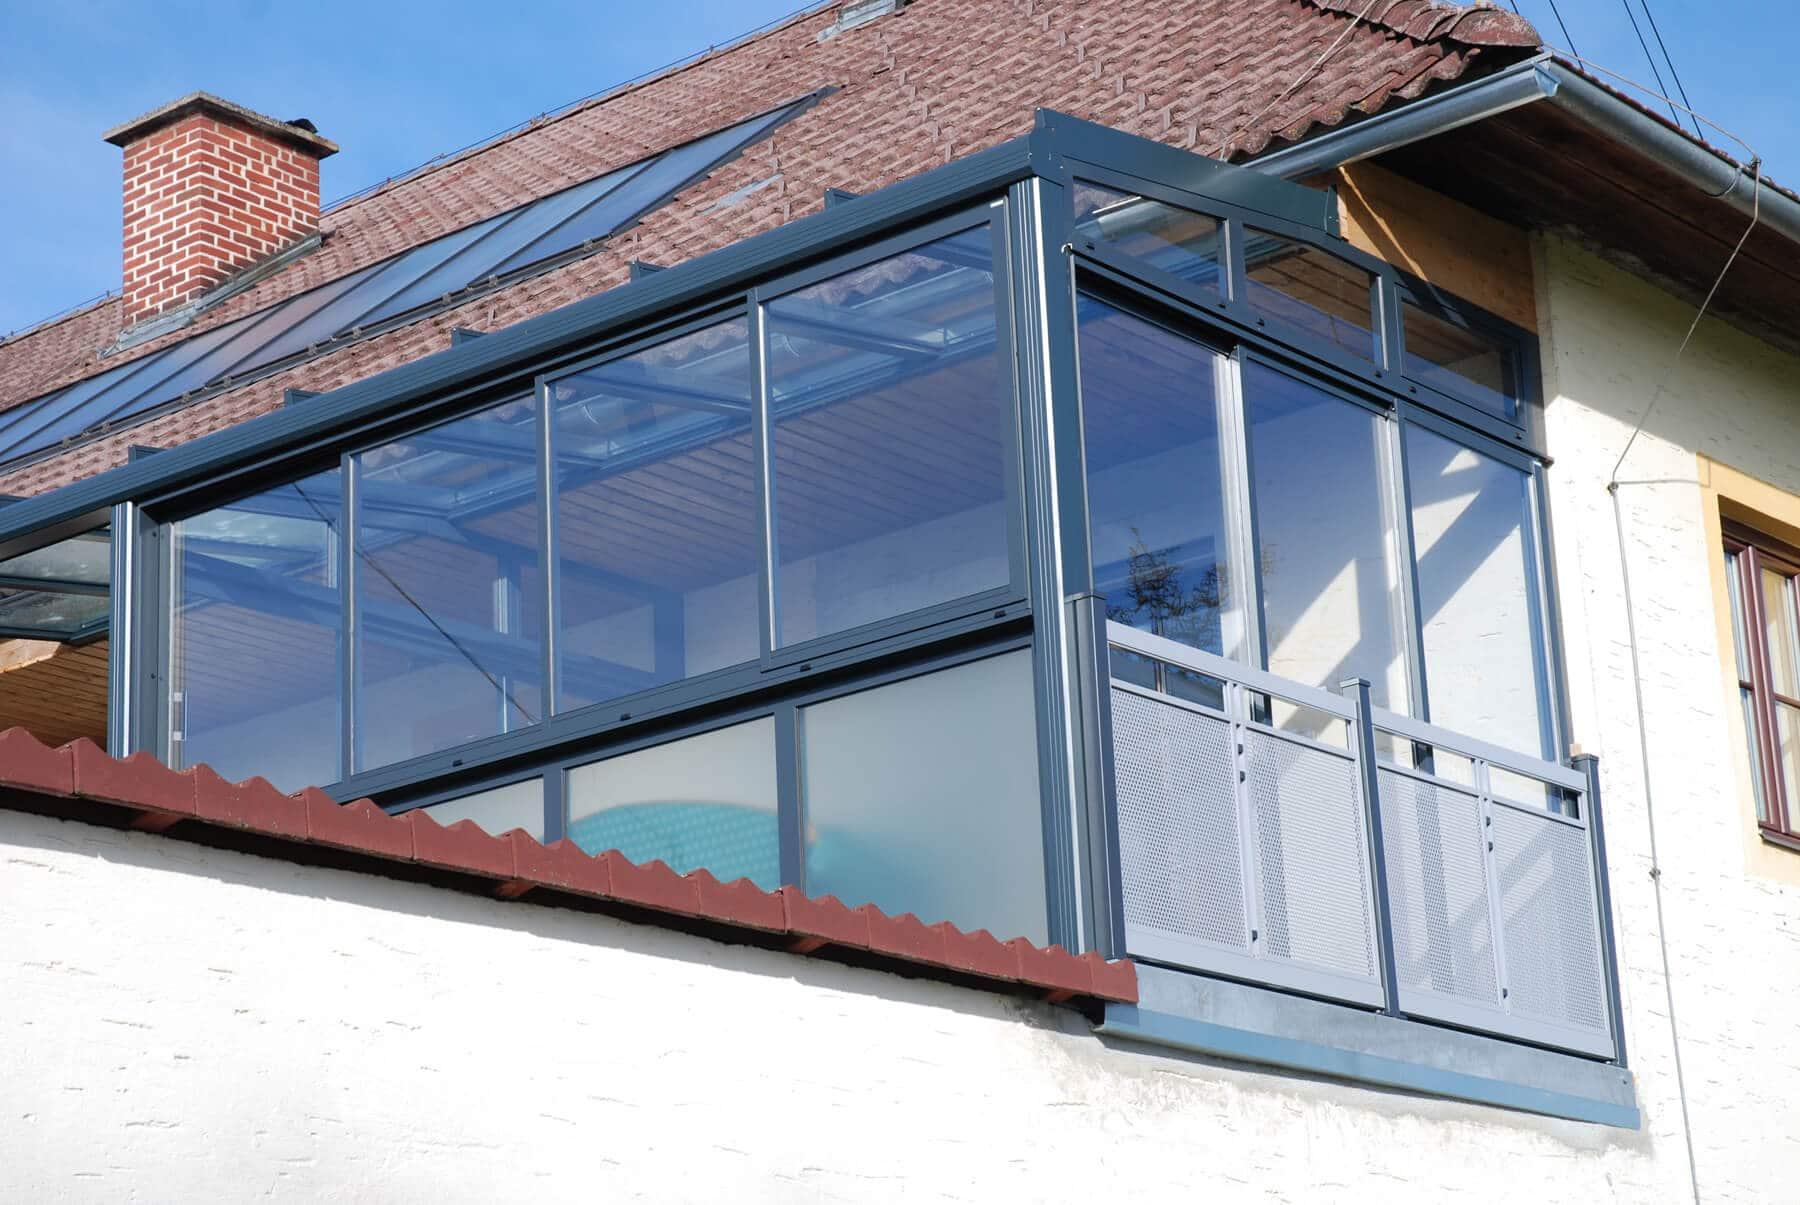 Wintergarten als Wohnraumerweiterung an bestehendem Haus